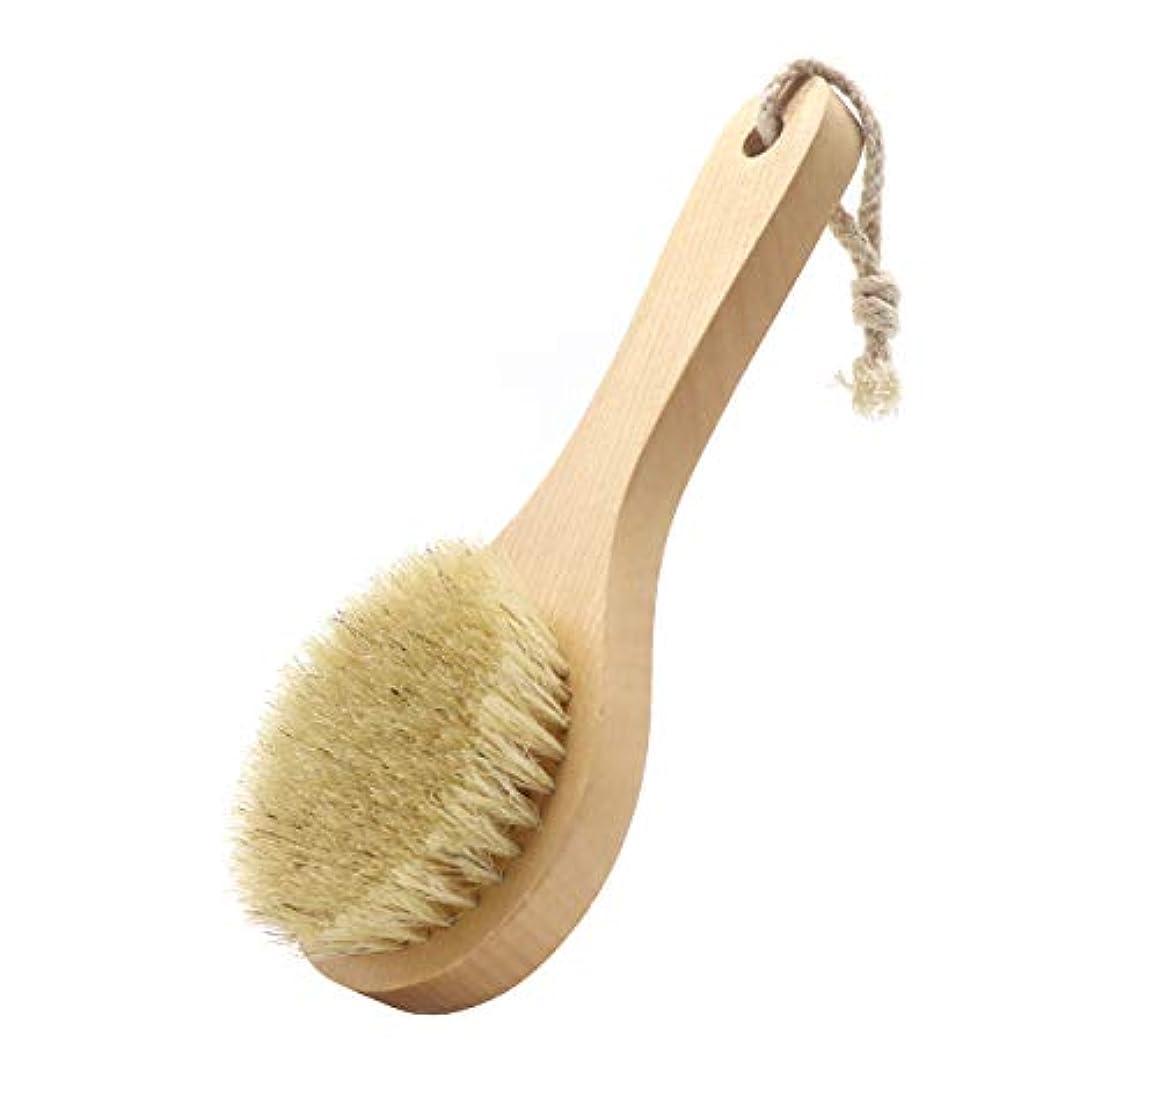 マイクロ歌手存在するMaltose ボディブラシ 豚毛100% 木製 天然素材 短柄 硬め 足を洗う 体洗いブラシ 角質除去 美肌 お風呂グッズ (B:20 * 8CM)